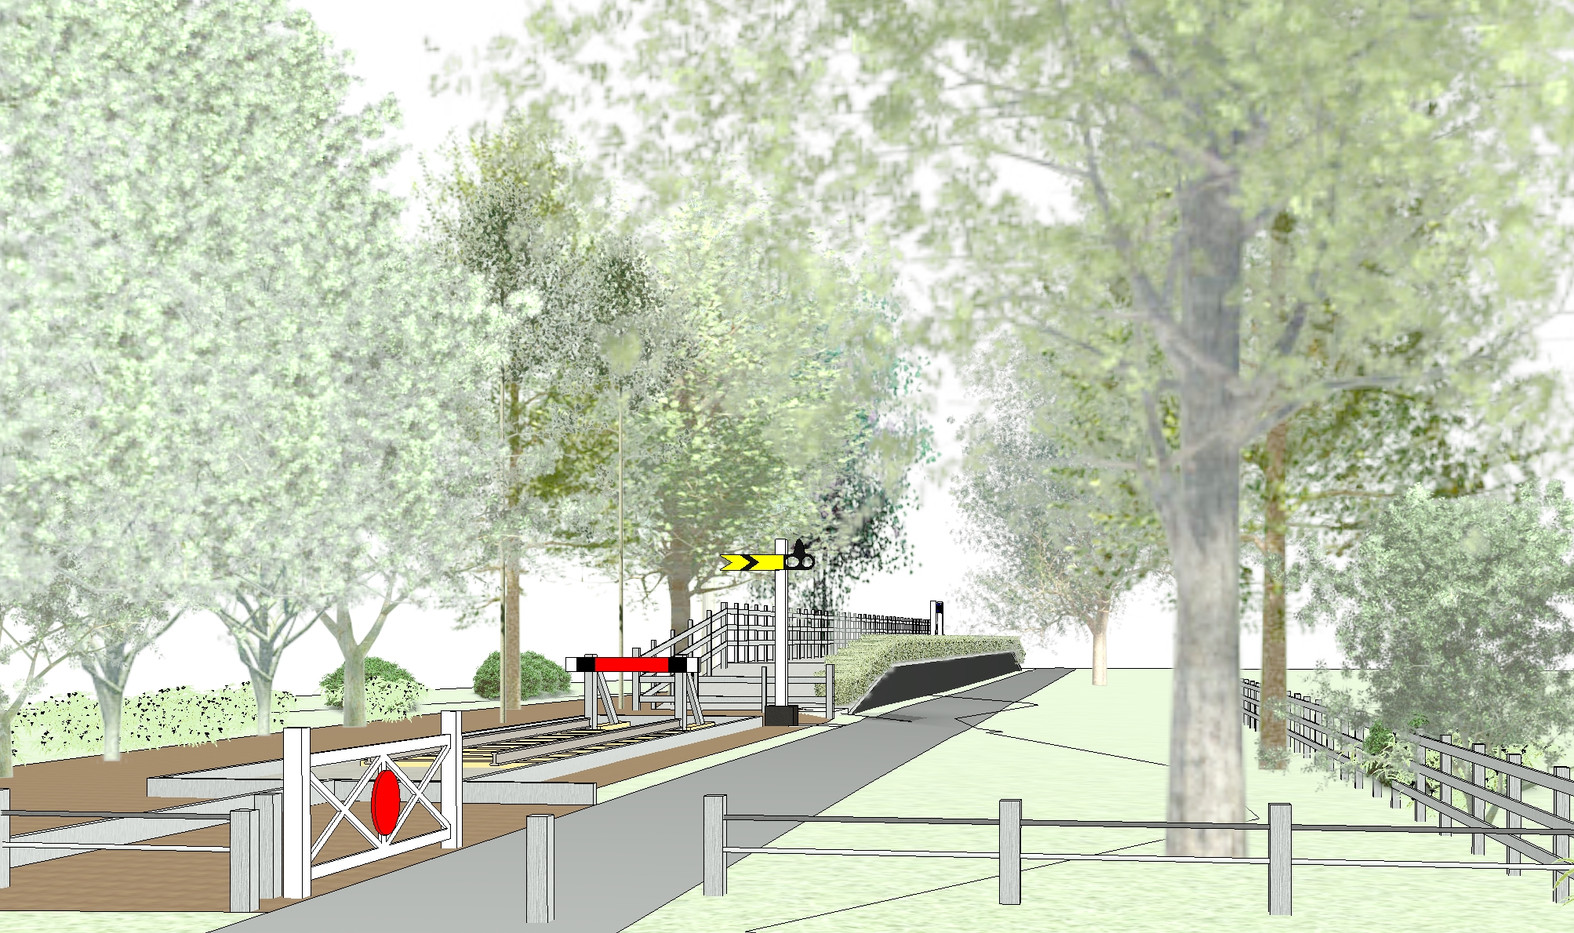 Visualisation of railway track